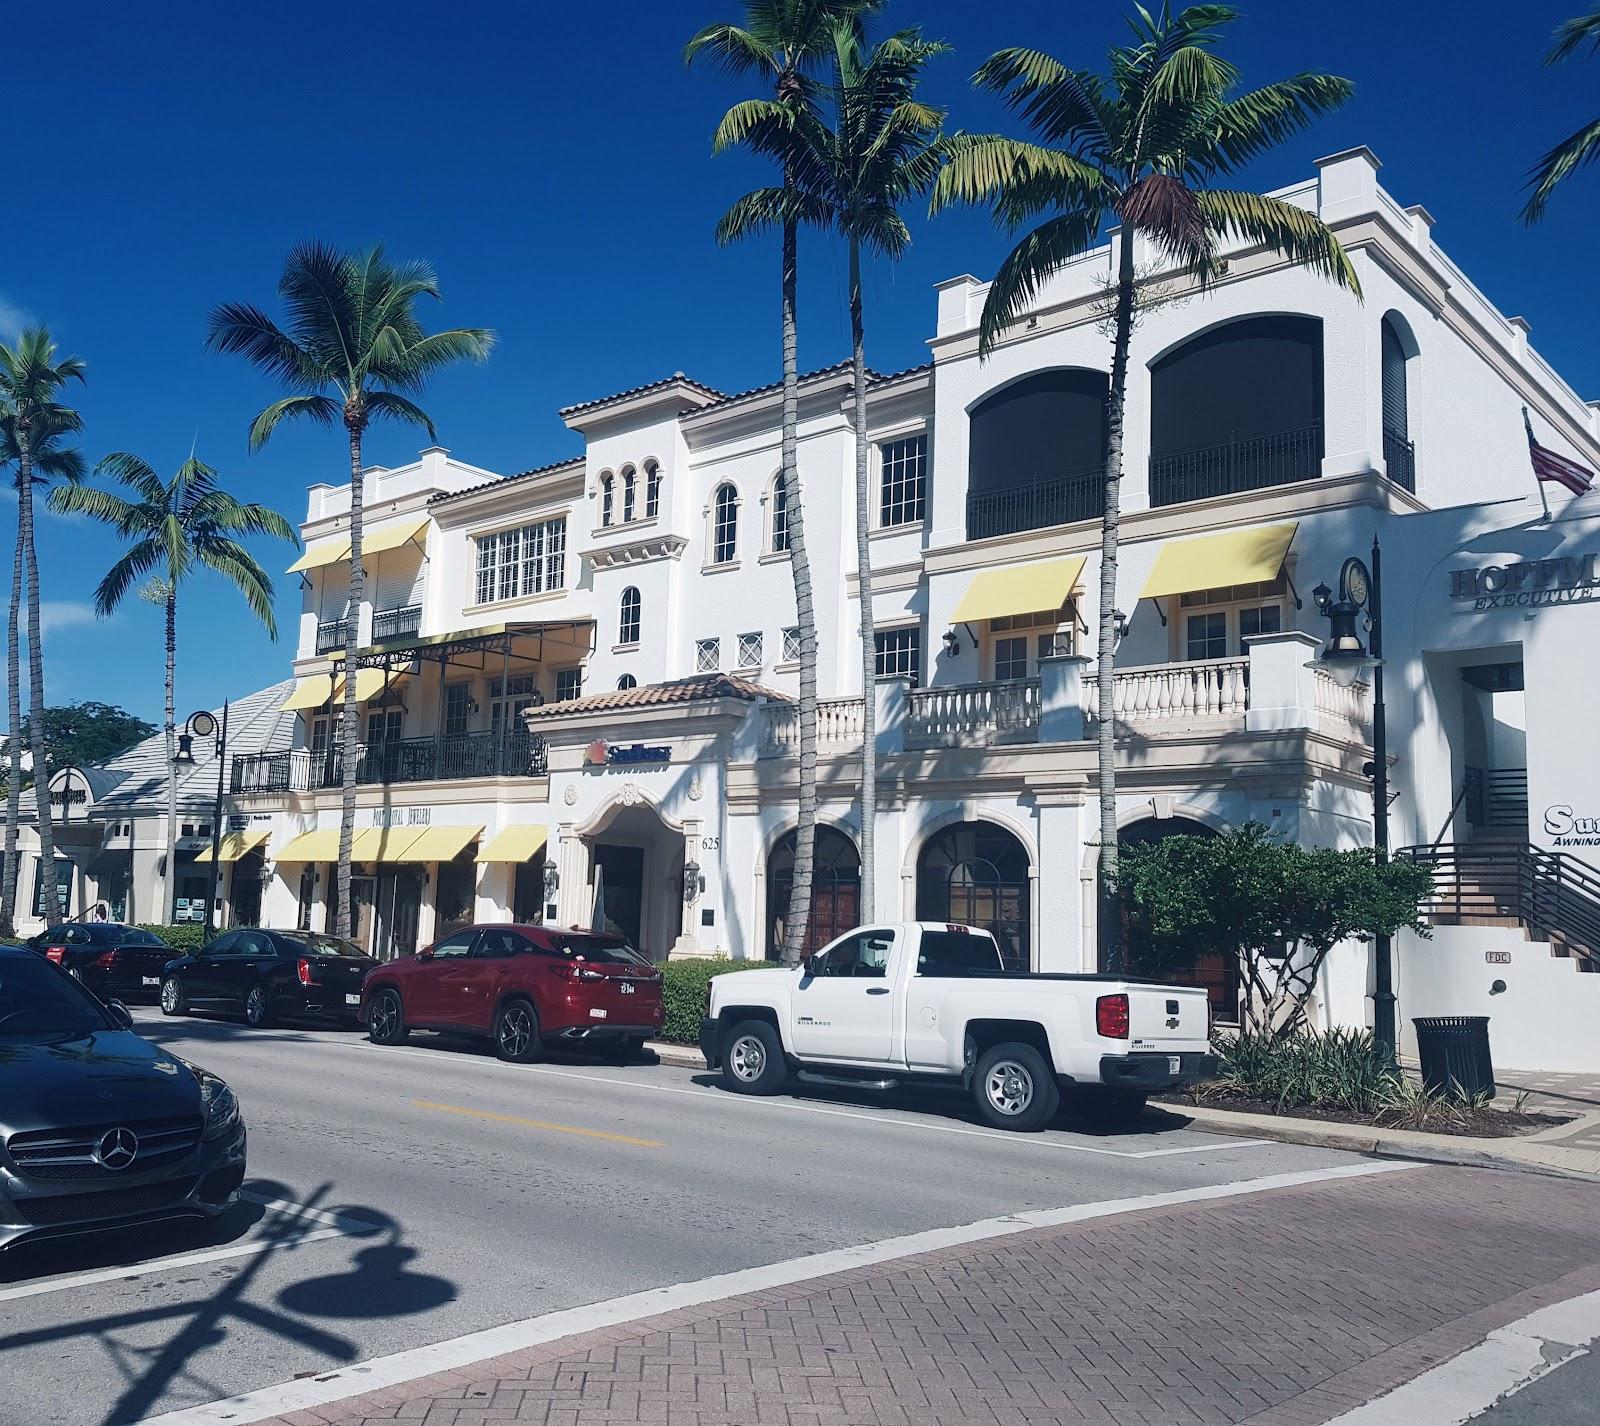 מה יש לעשות בפלורידה אטרקציות אוכל מה לעשות לאן ללכת איפה לישון